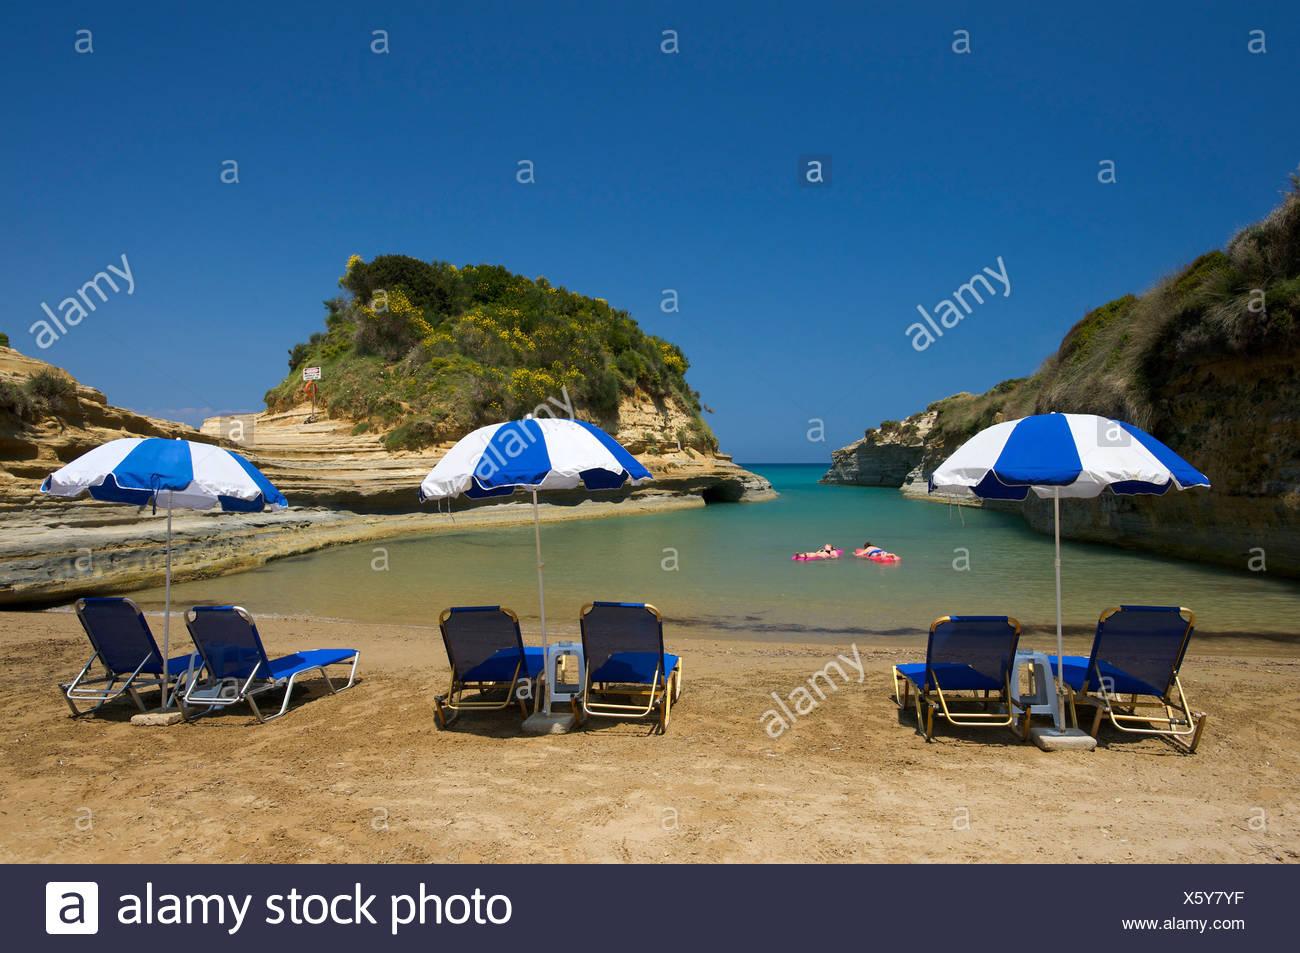 Deck liegen und Sonnenschirme am Strand, Canal d ' Amour, in der Nähe von Sidari, Korfu, Ionische Inseln, Griechenland, Europa Stockbild